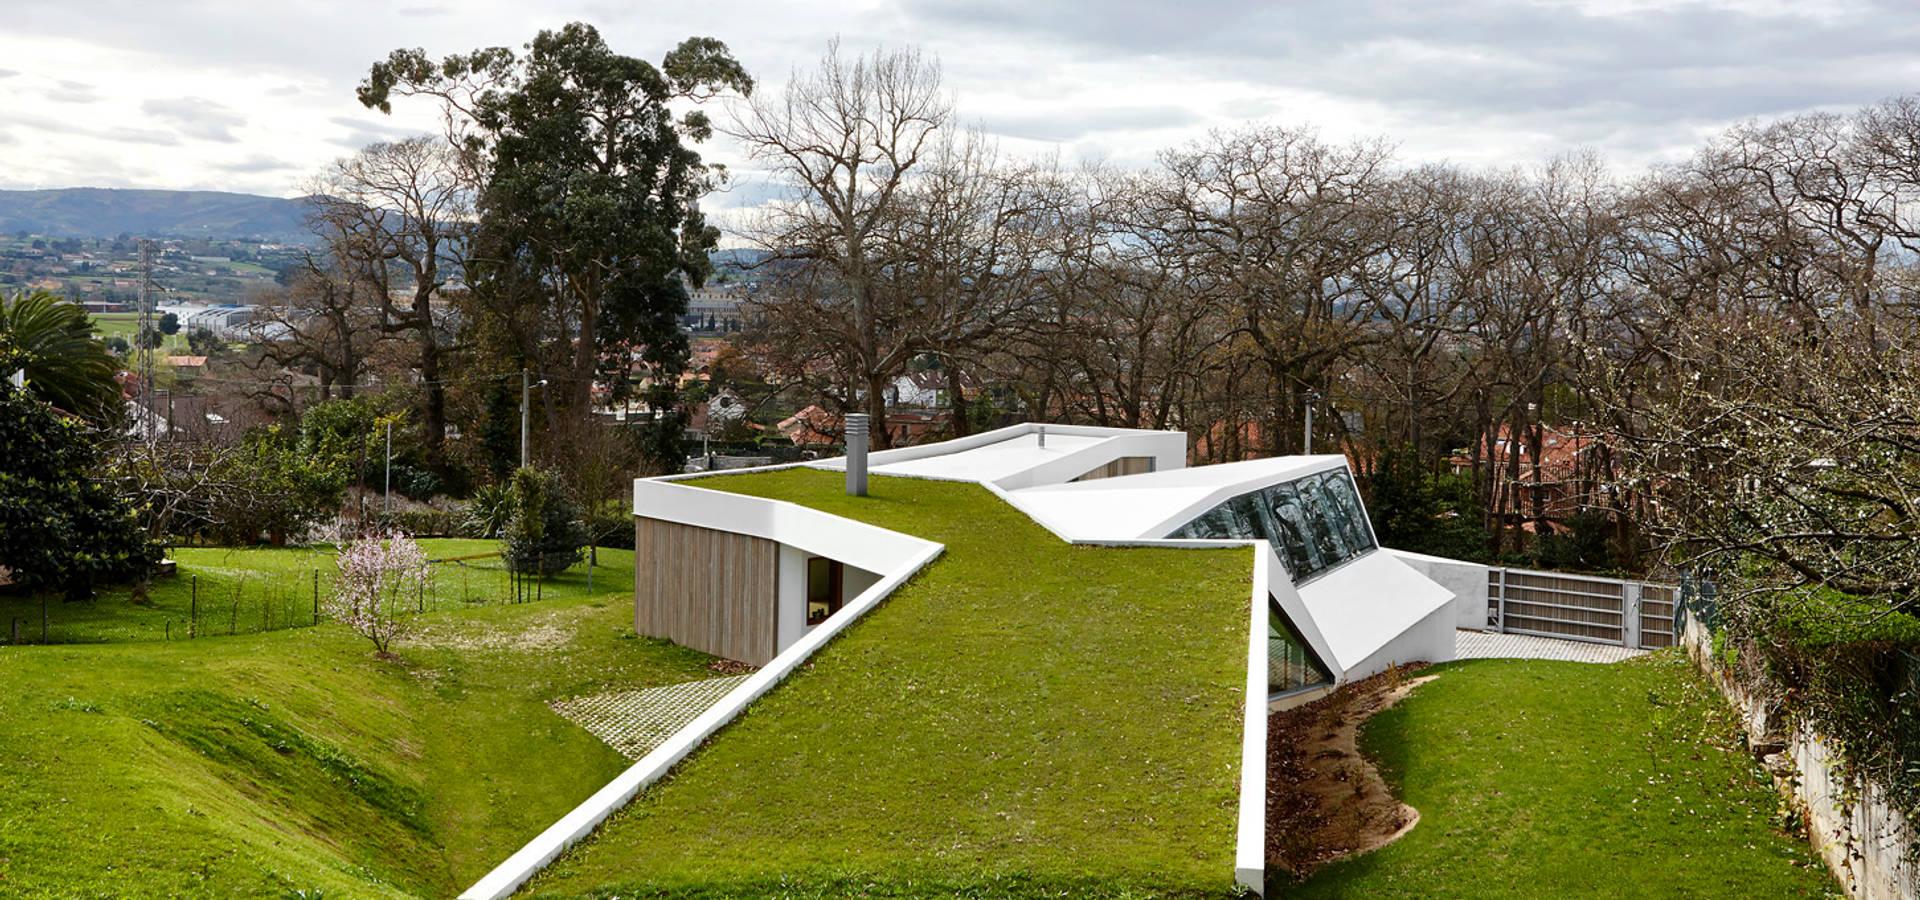 miba architects